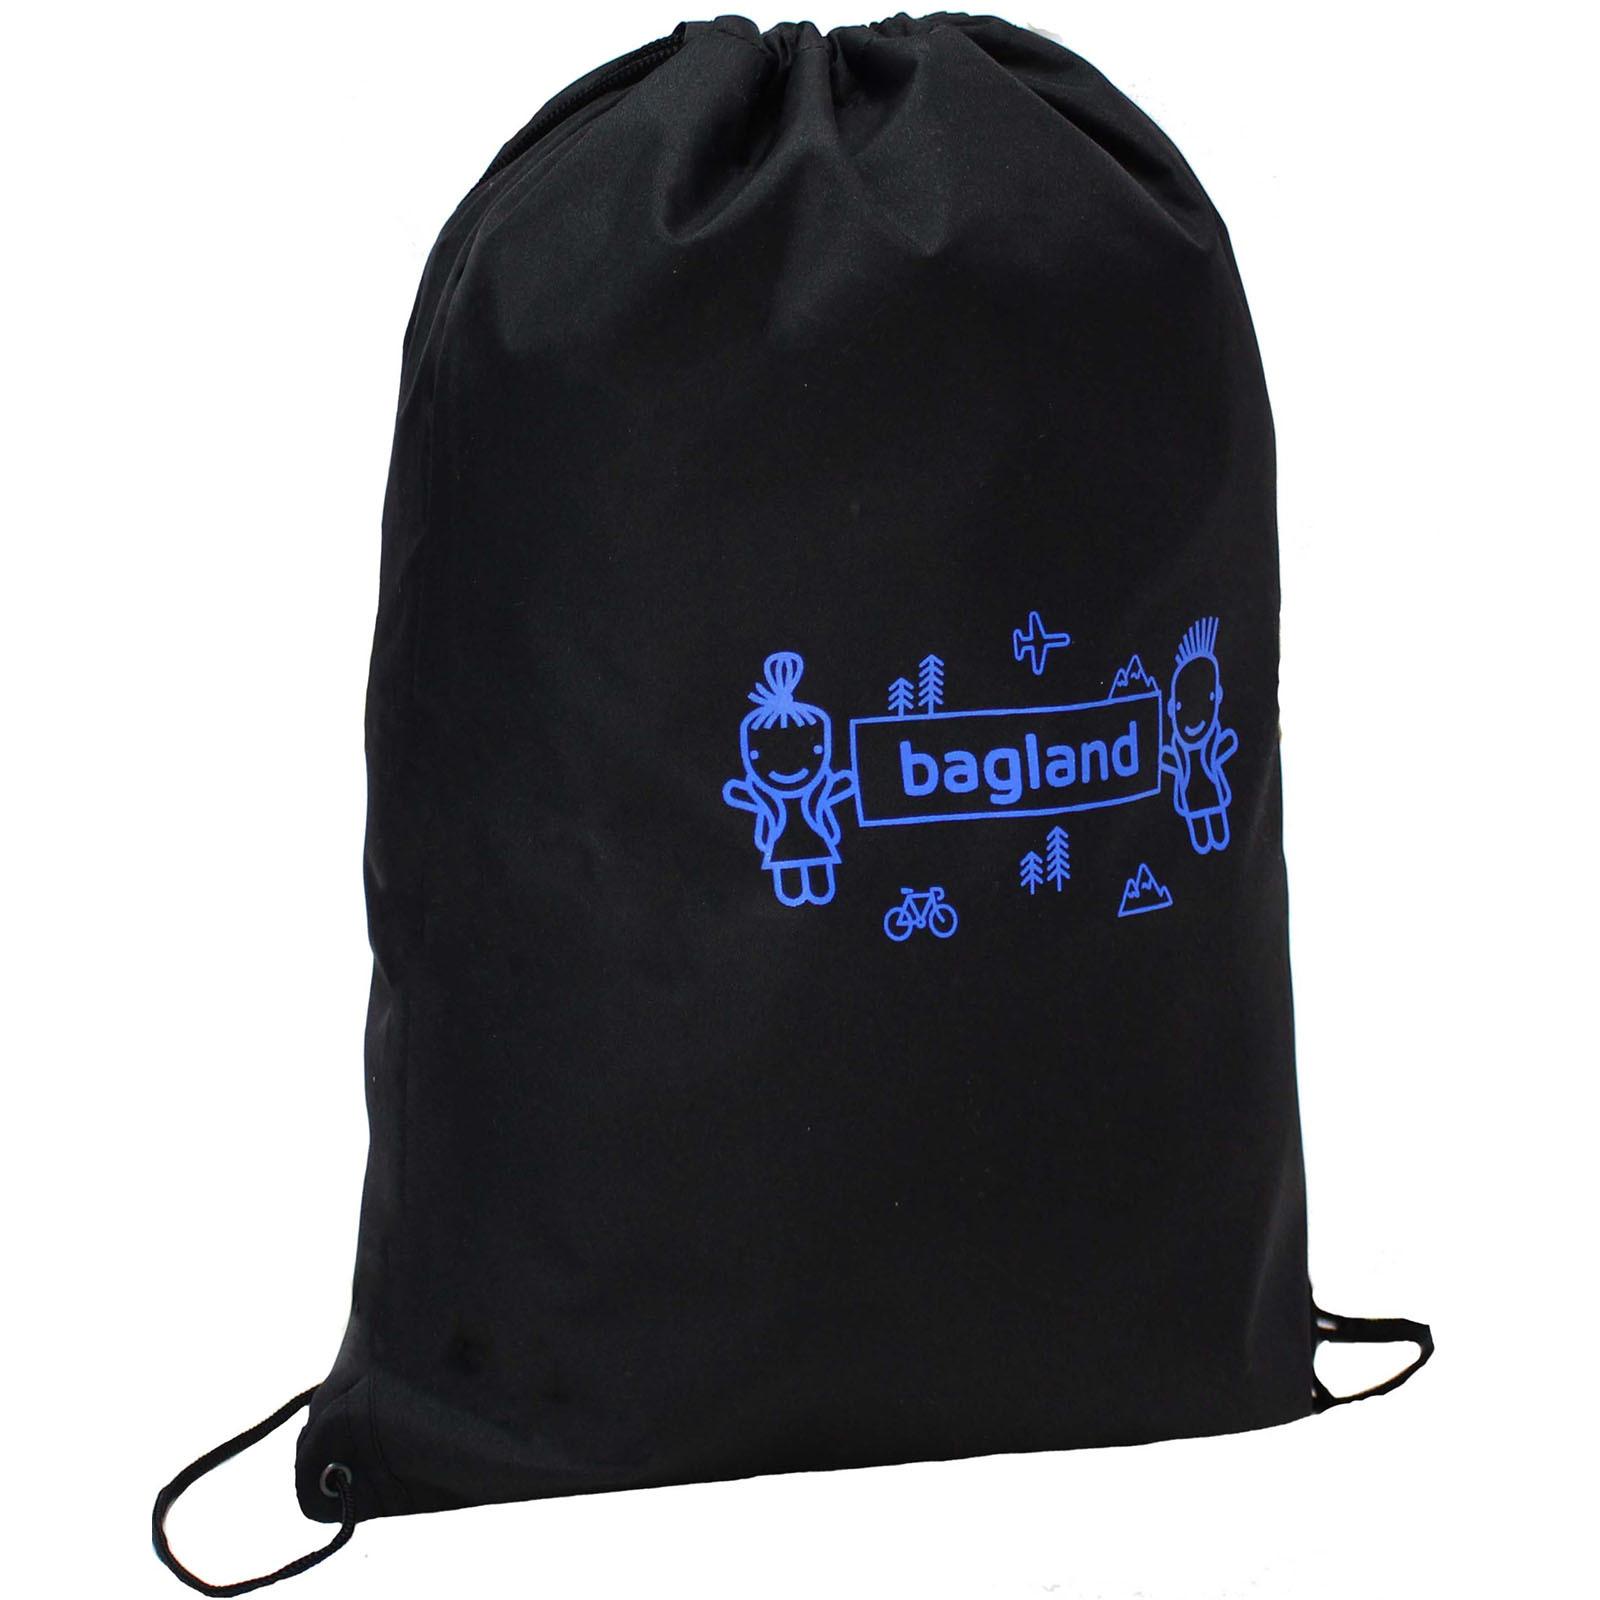 Рюкзак Bagland Котомка 8 л. Чёрный (00566152)